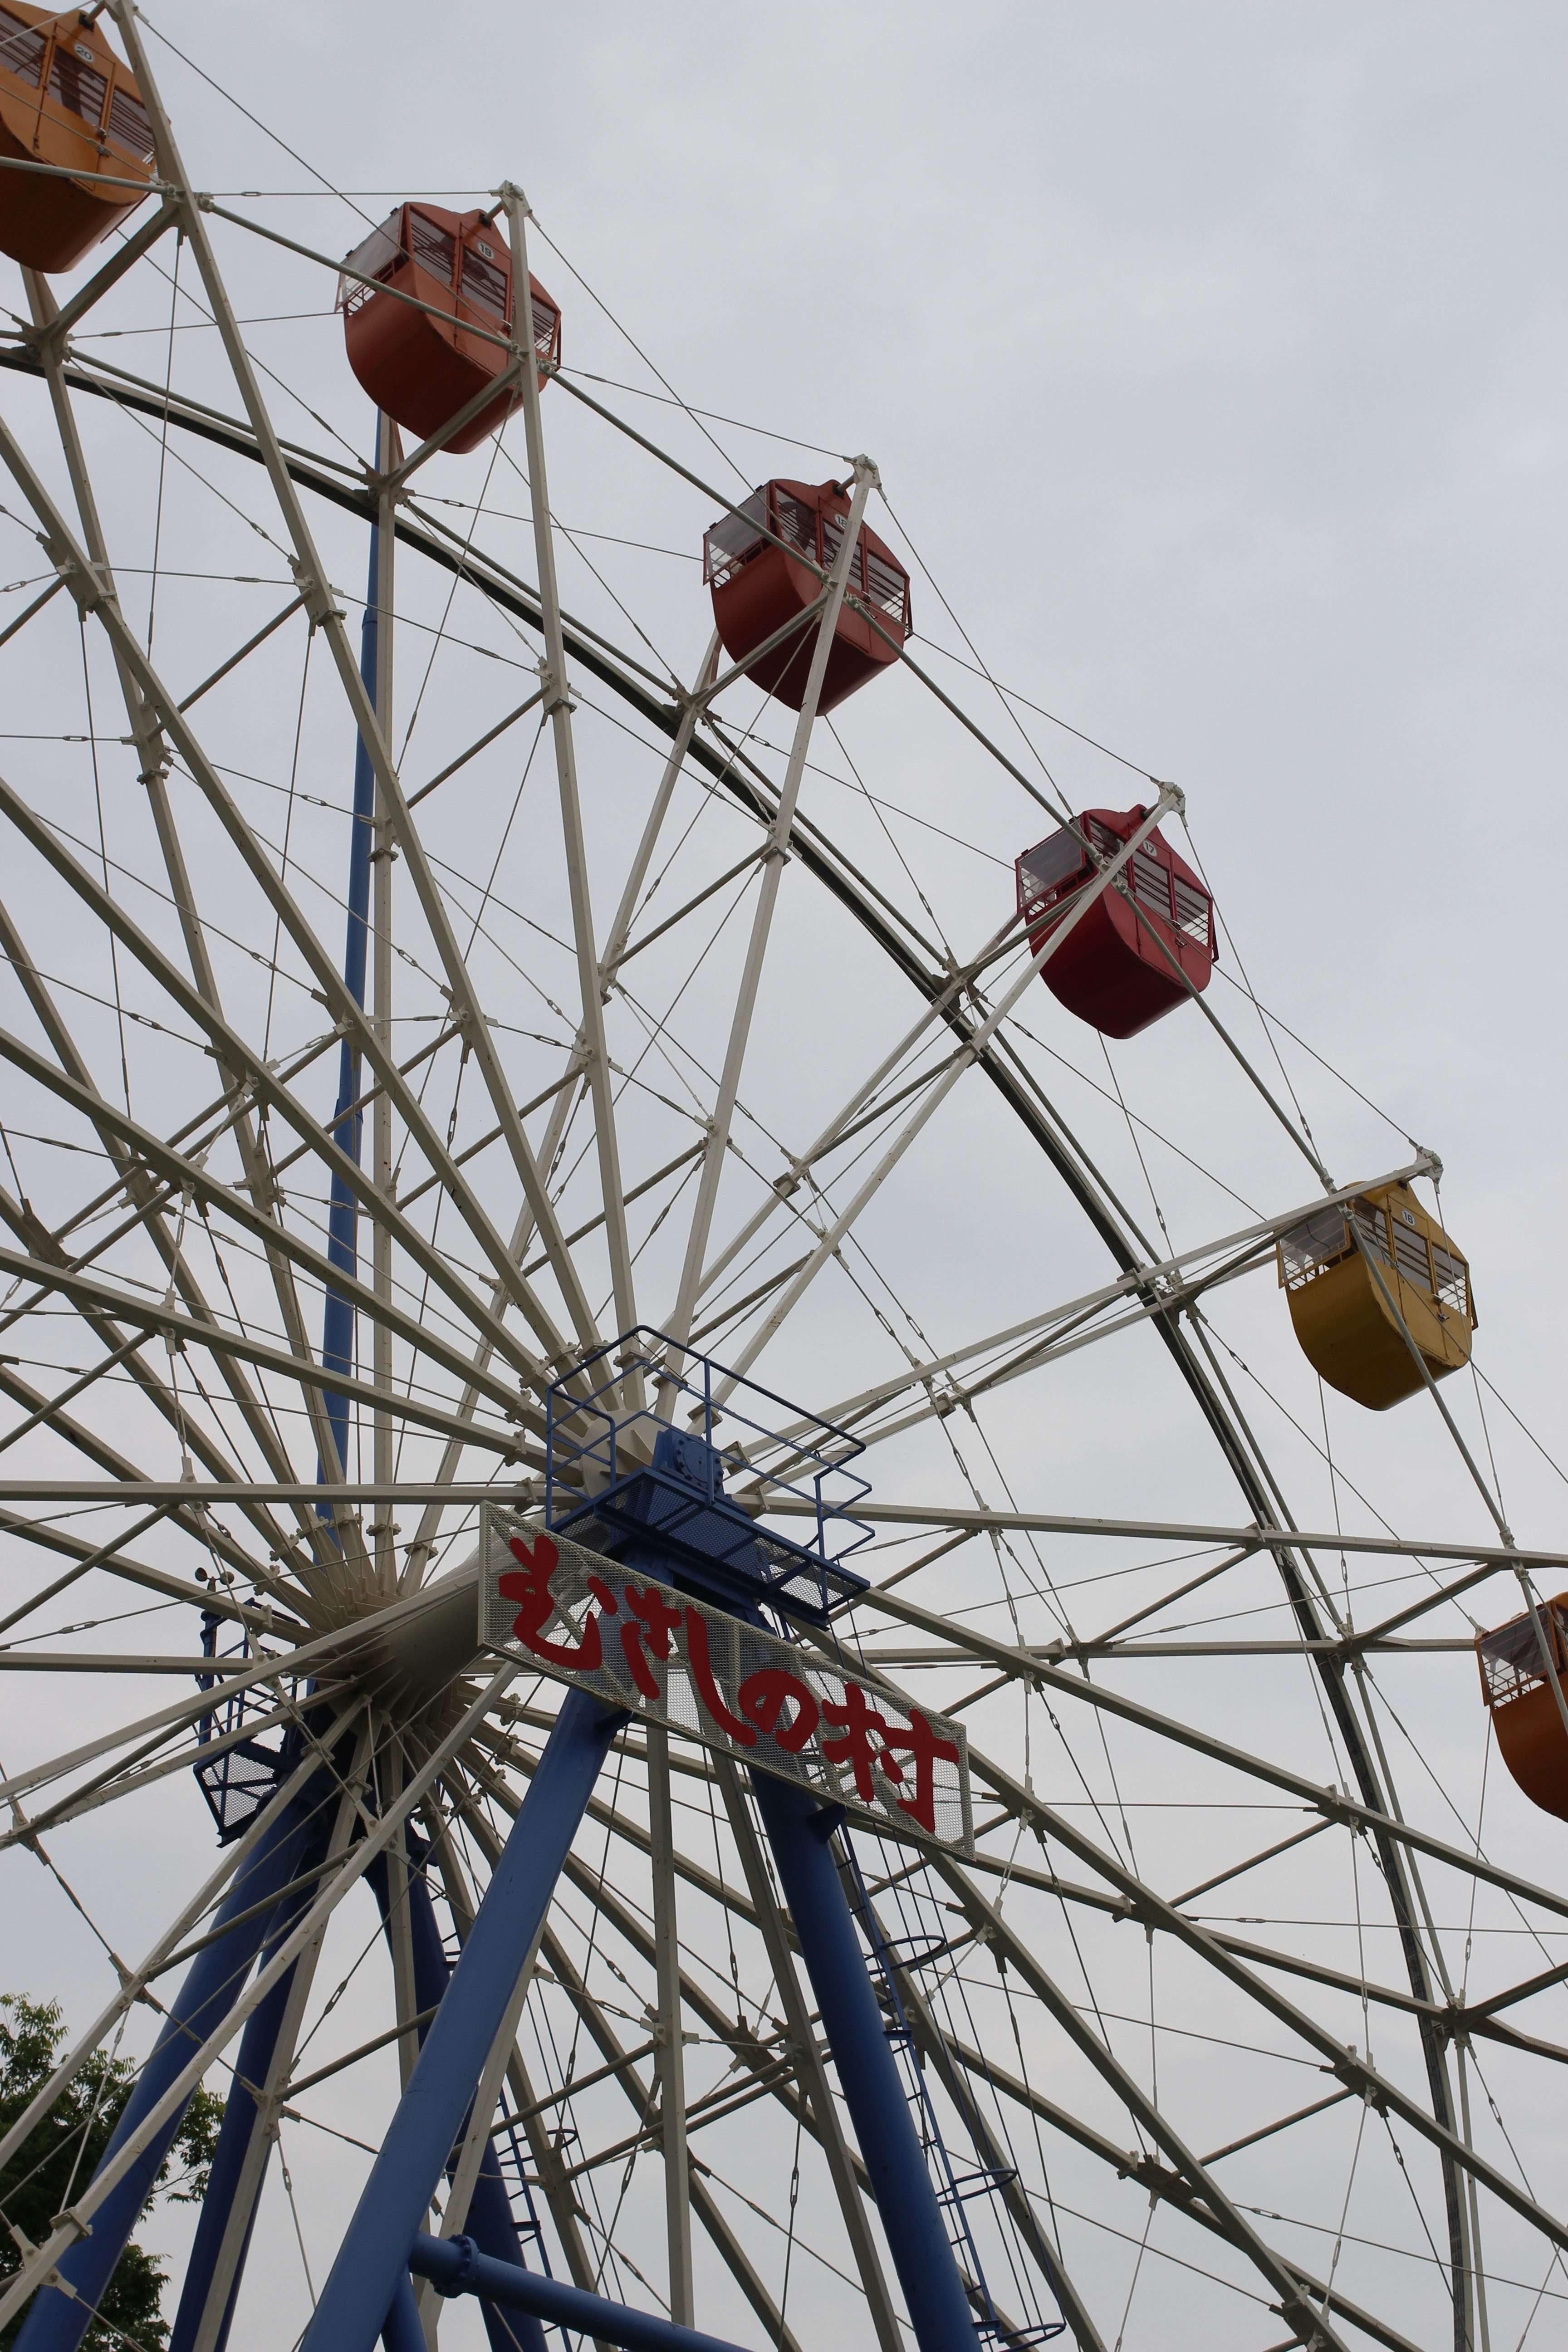 Musashi No Mura Ferris Wheel (2)